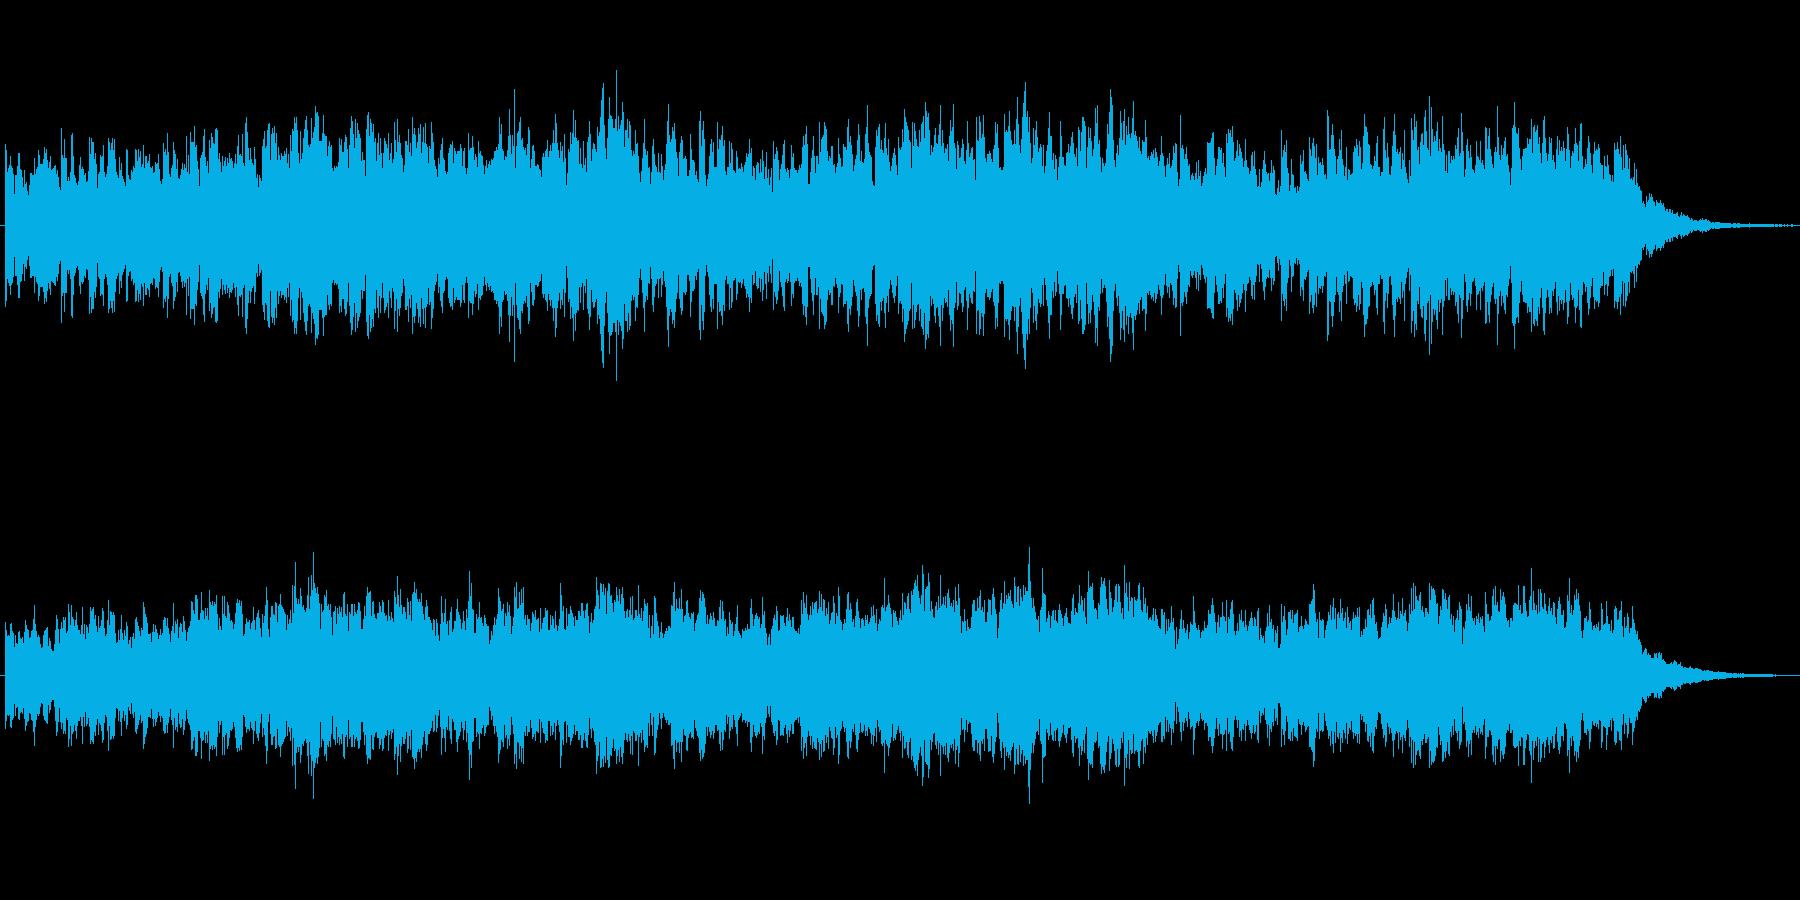 キラキラしたメルヘンチックなジングル3の再生済みの波形